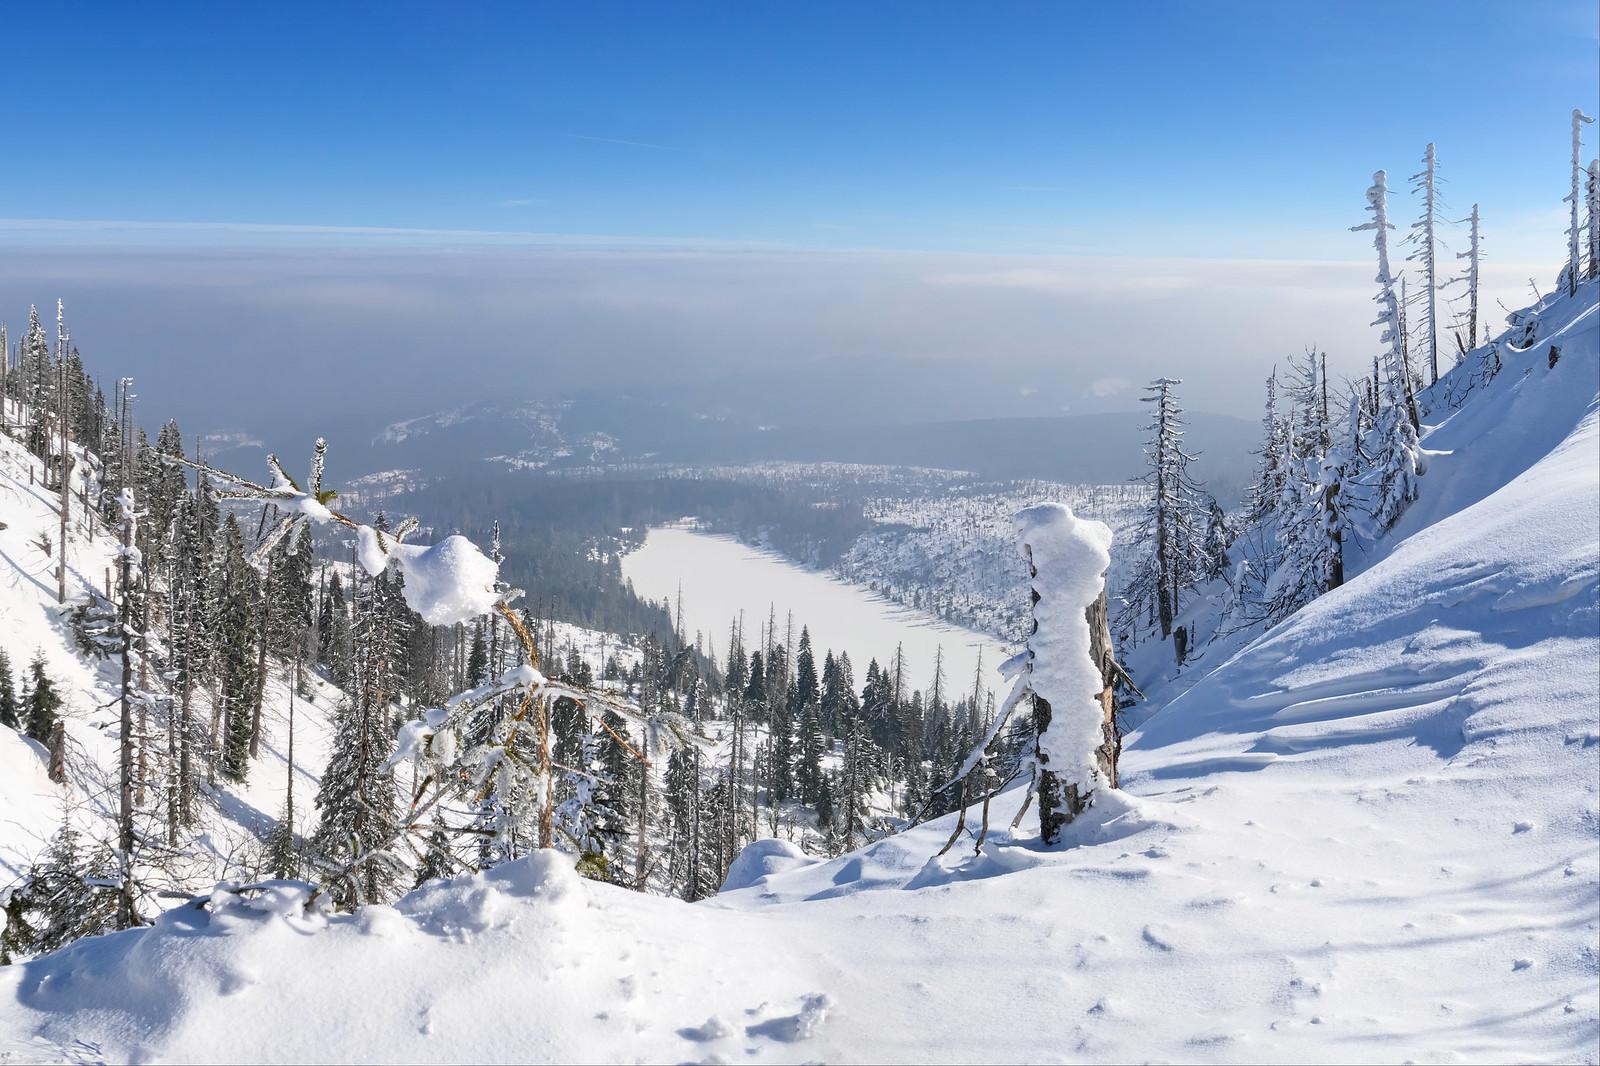 Plešné jezero (Kučerova vyhlídka)